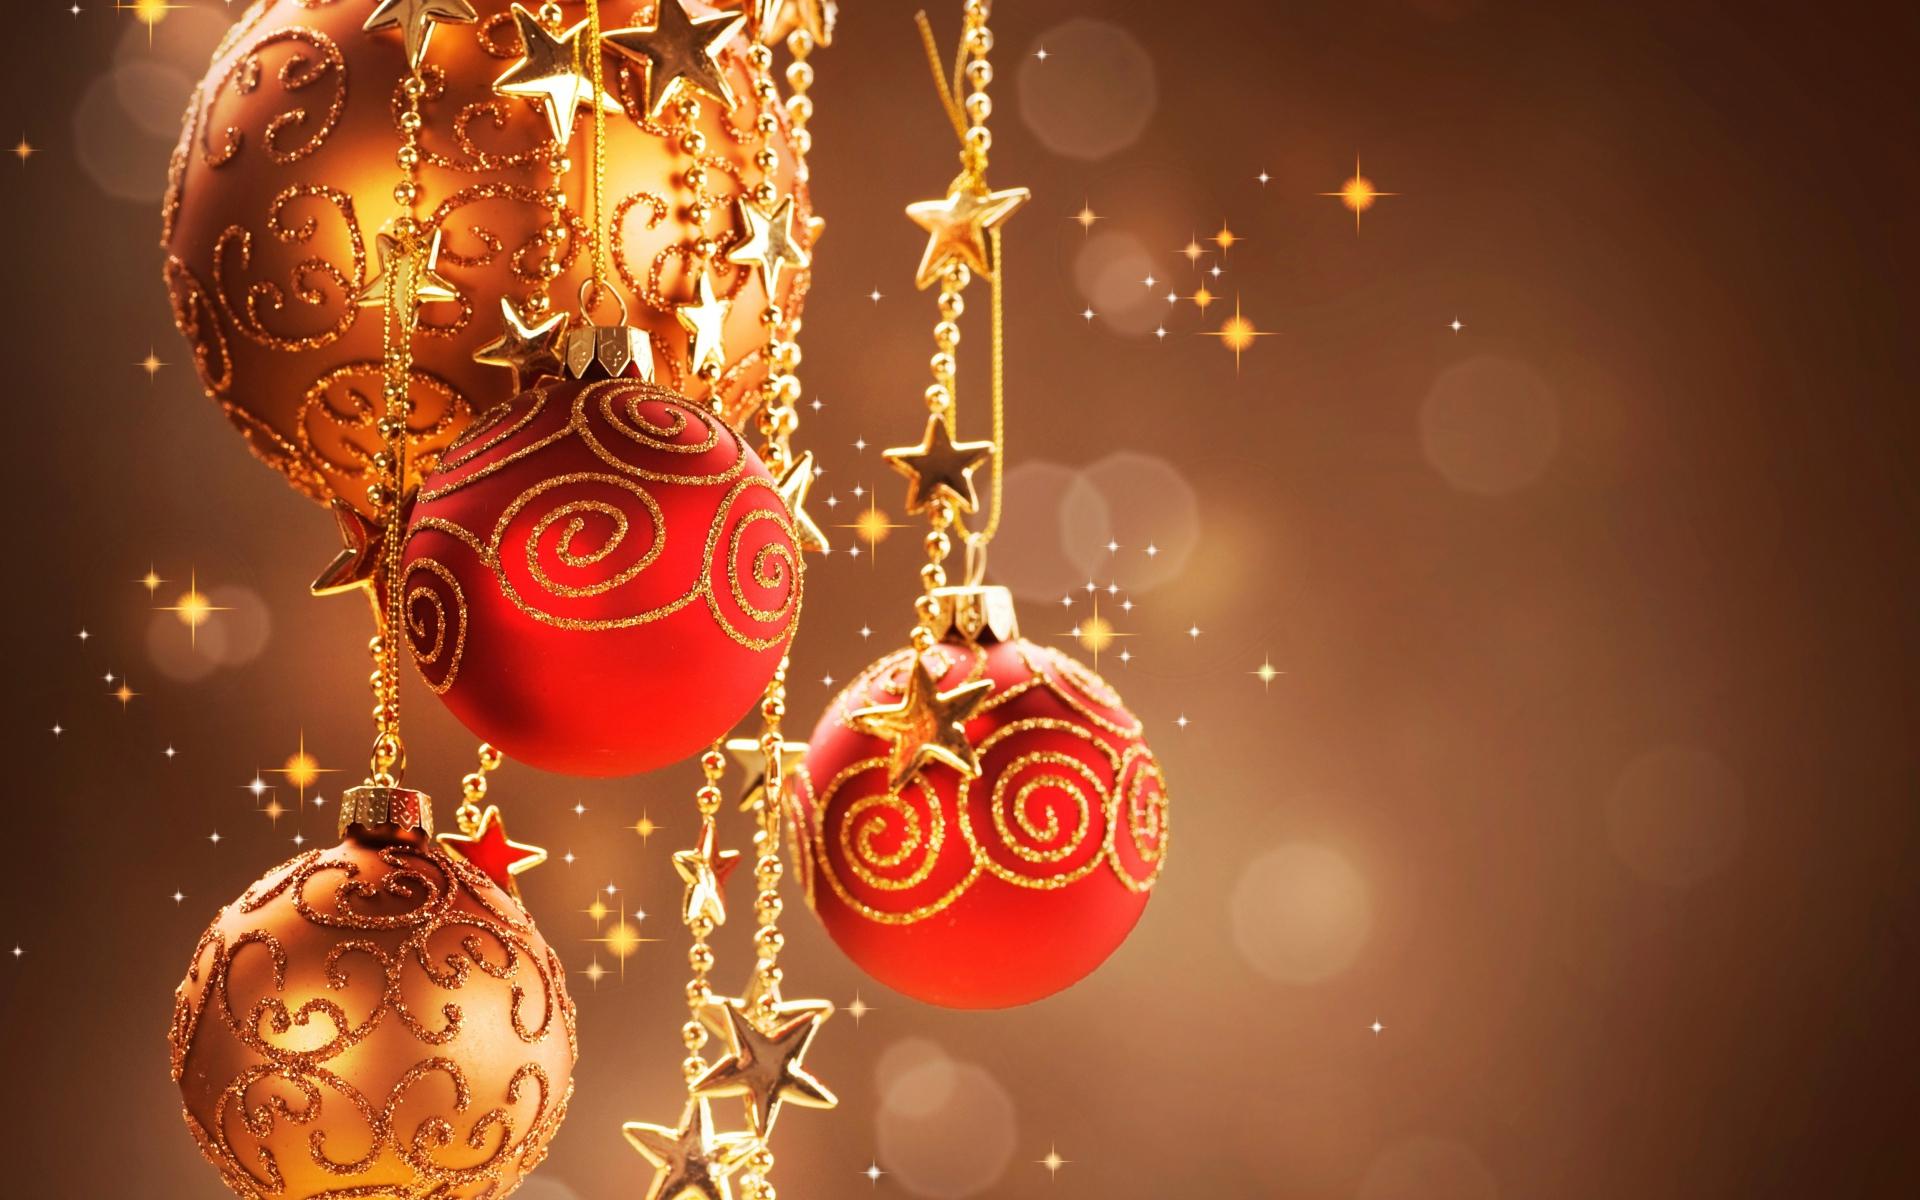 Елочные игрушки на цепочках - C Рождеством Христовым поздравительные картинки